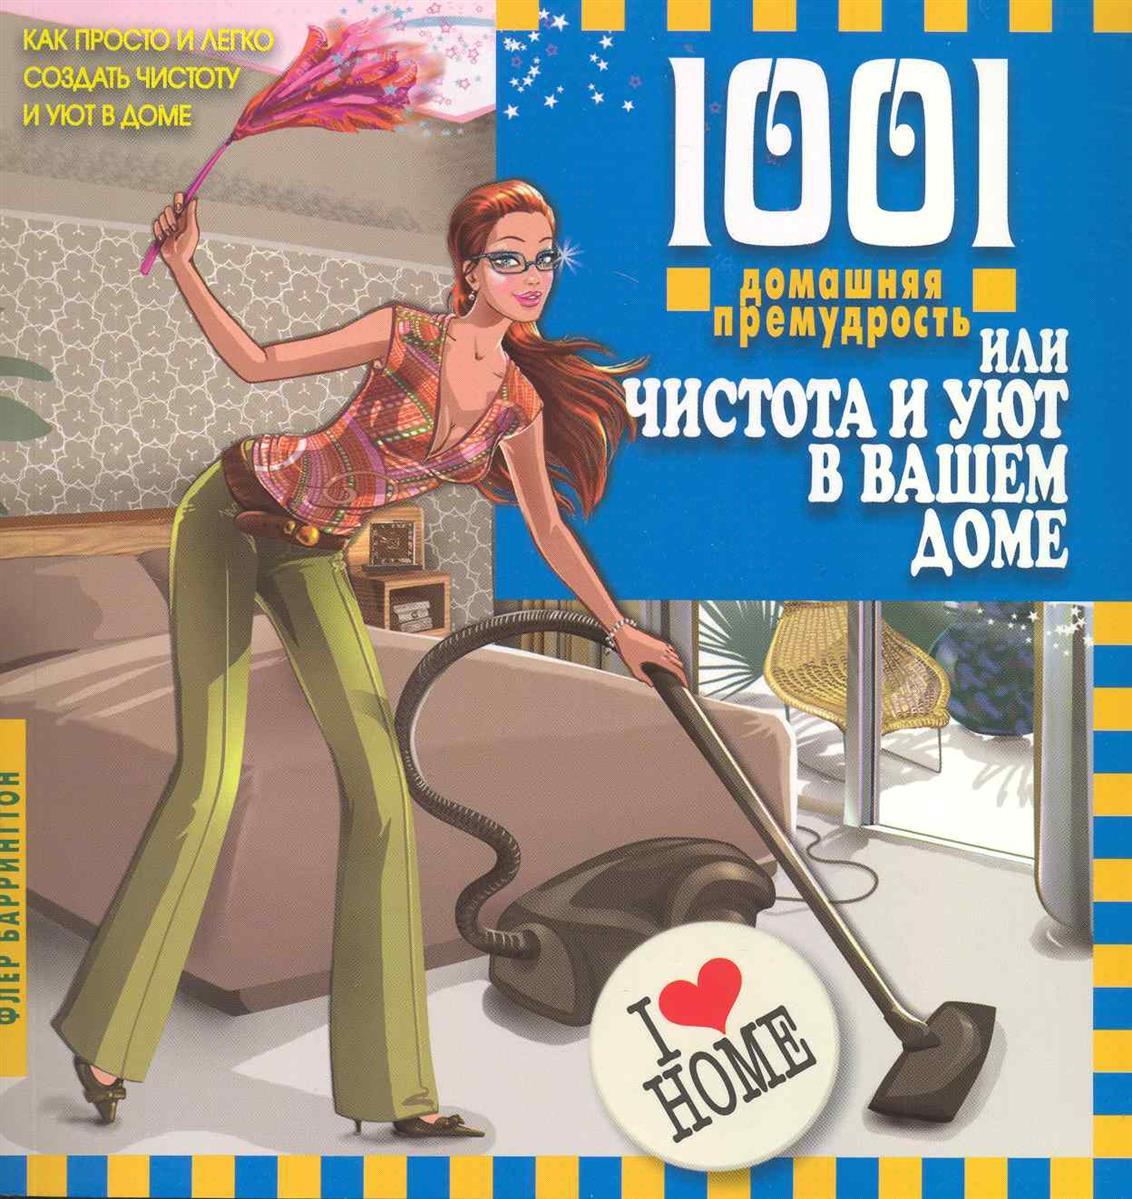 1001 домашняя премудрость или Чистота и уют в вашем доме